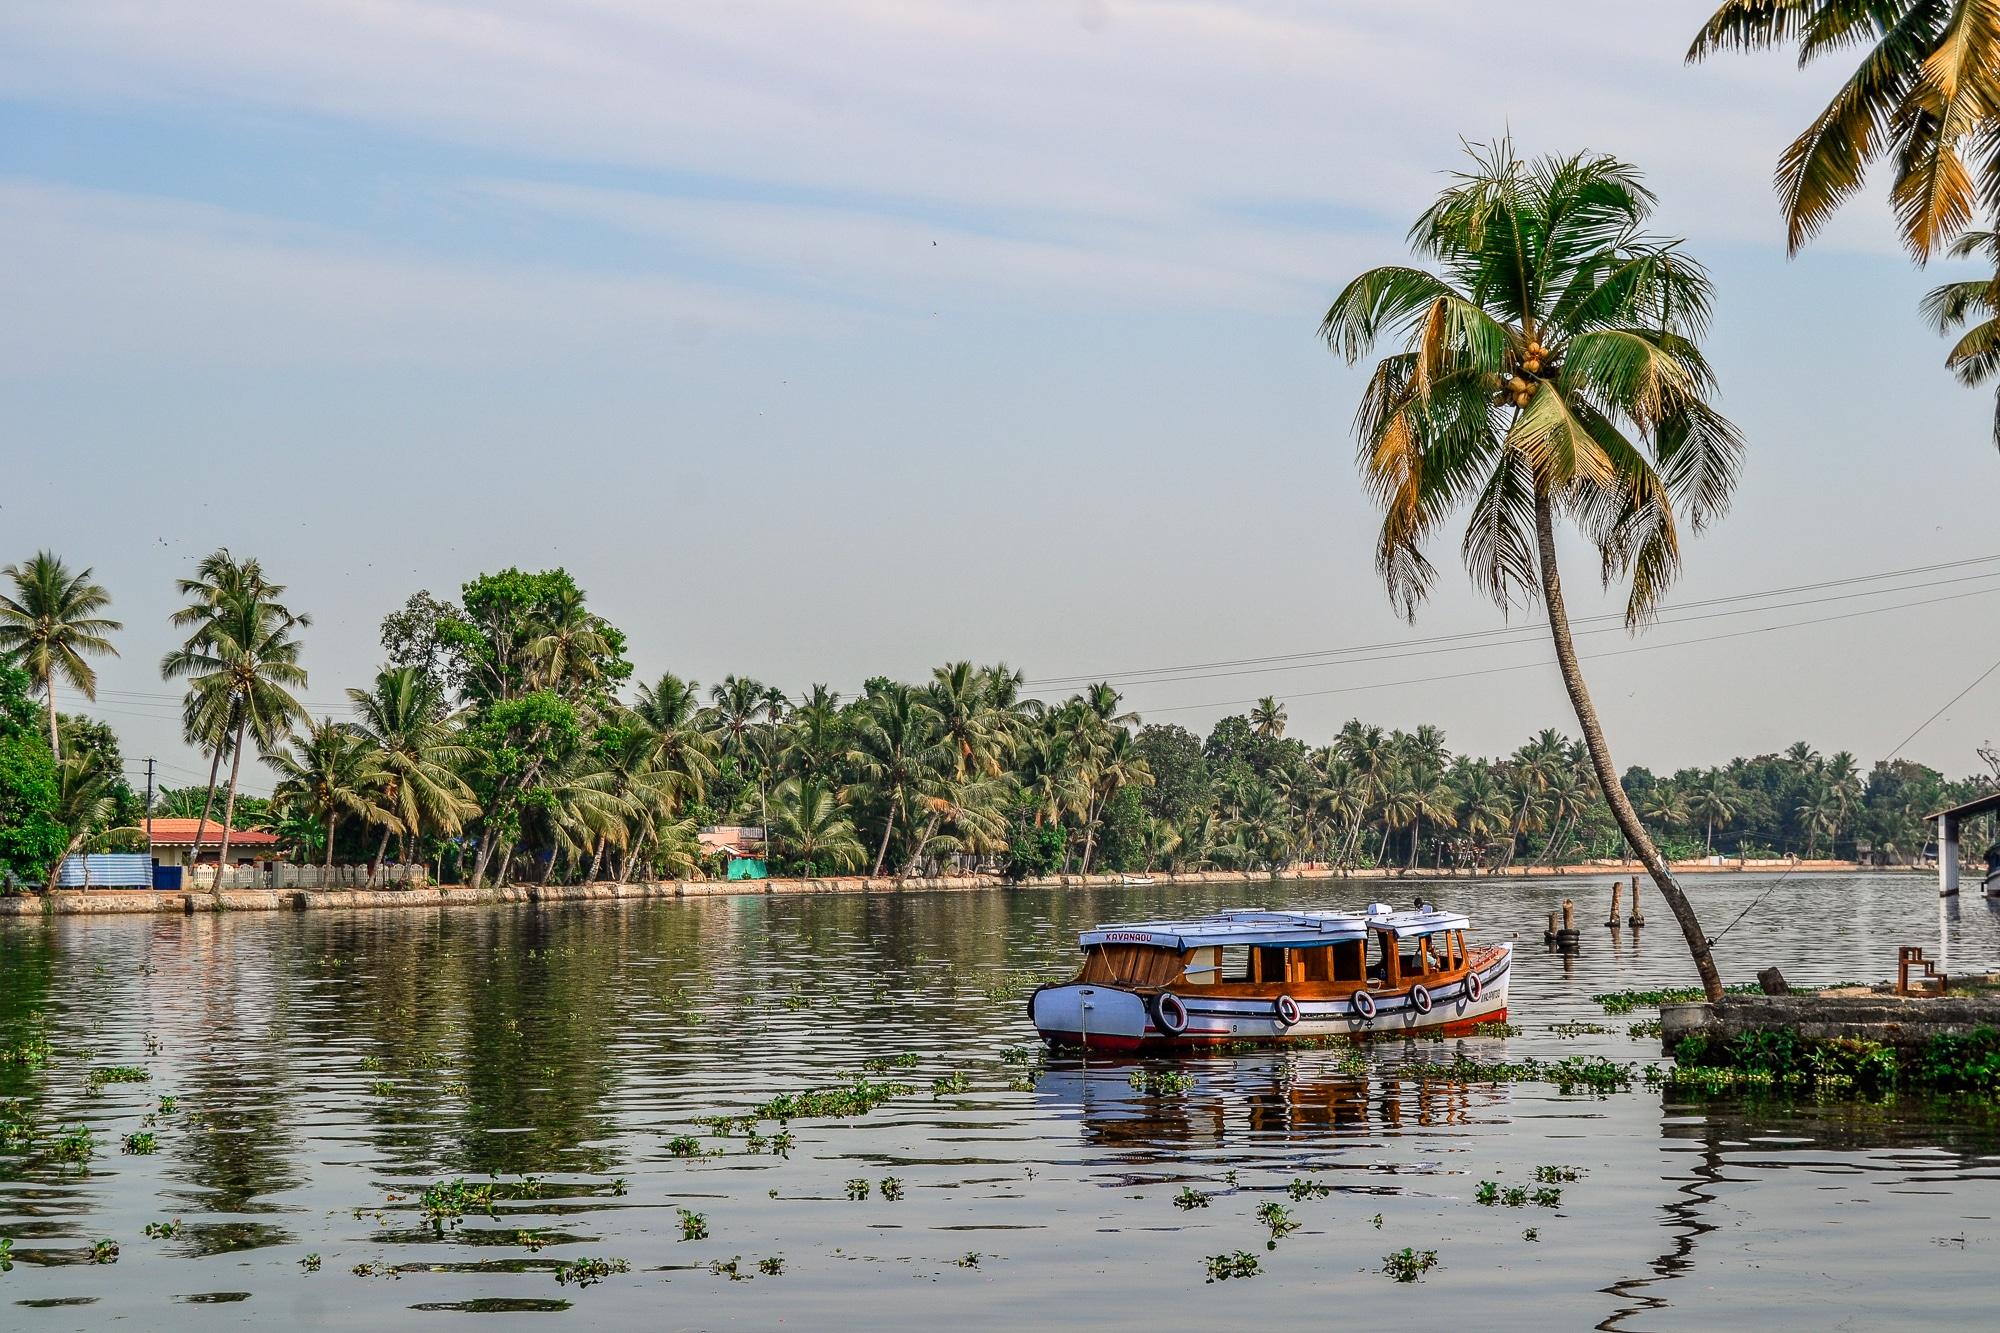 Kerala: Sehenswürdigkeiten, Kultur und Kulinarik im südlichen Indien - Hausboot in den Backwaters